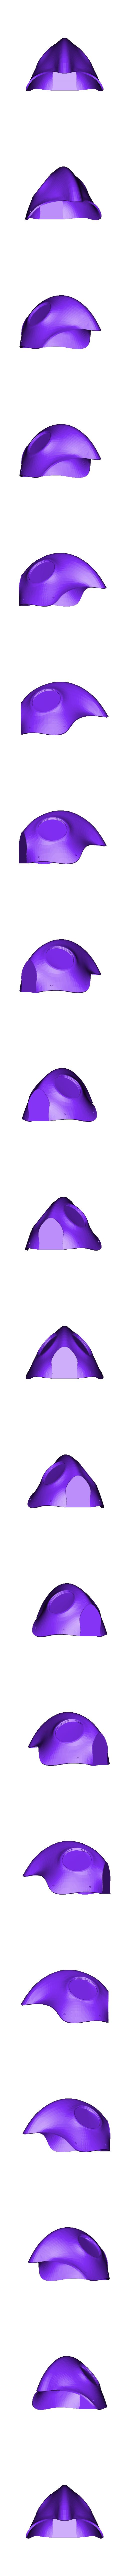 Mask_L_V2.obj Télécharger fichier OBJ gratuit Forme du masque v2 • Design imprimable en 3D, SanderDesign